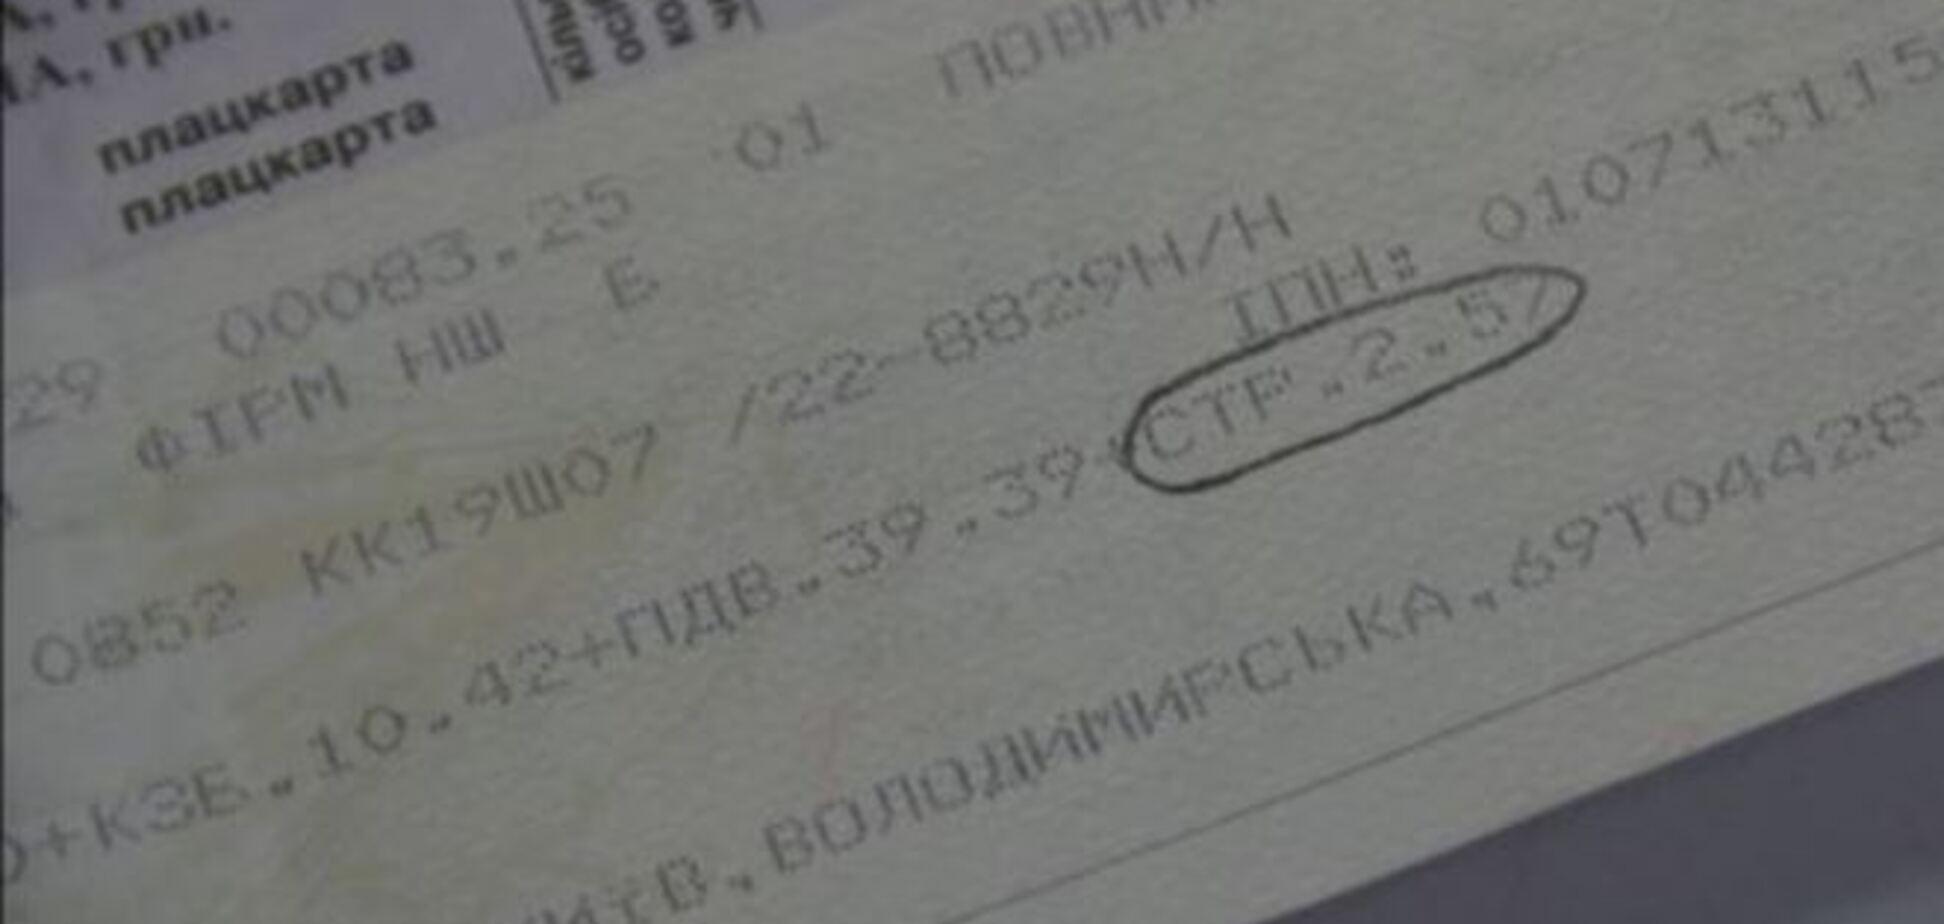 'Укрзалізниця' не сдержала обещание вчетверо уменьшить страховой платеж для пассажиров